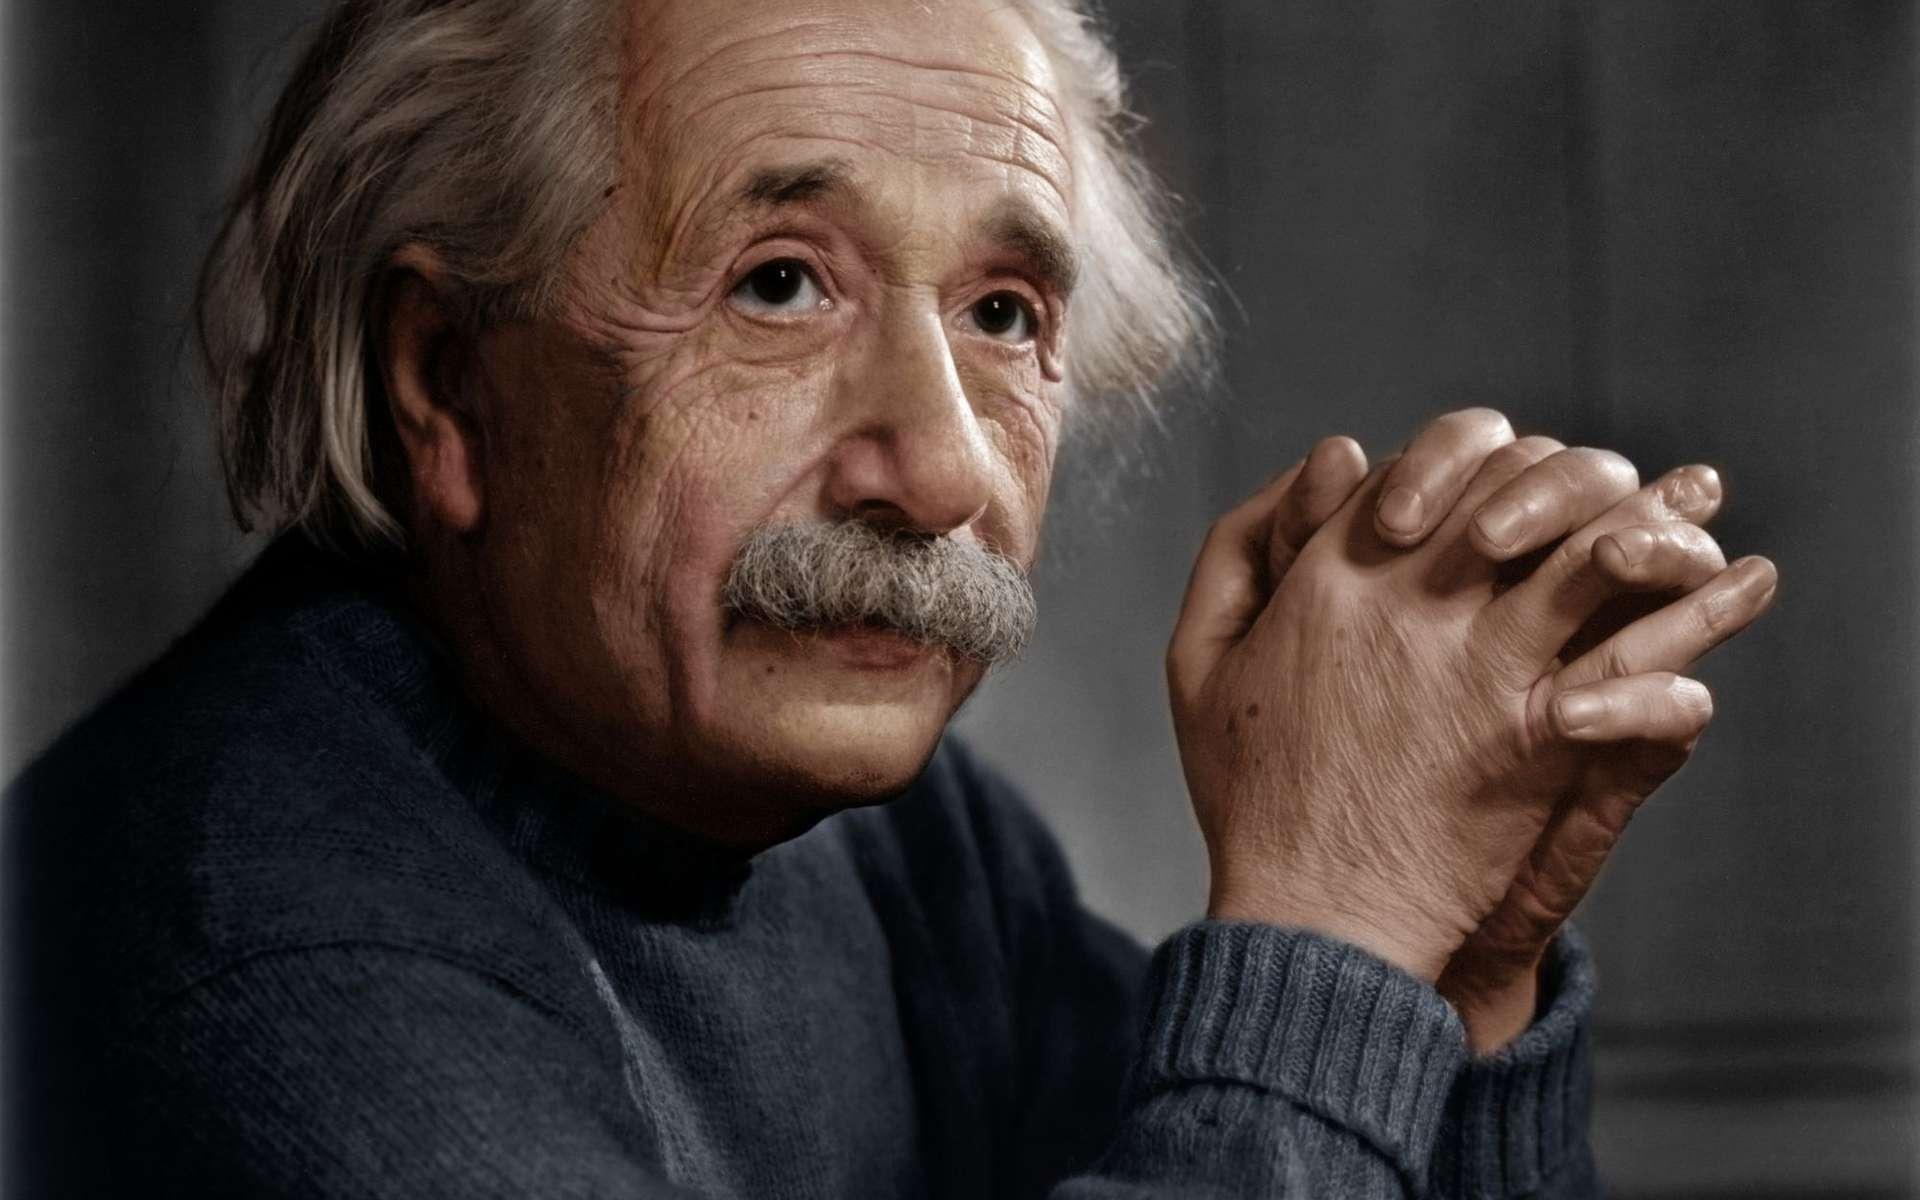 Albert Einstein aurait pu passer de courtes nuits tout en dormant beaucoup. Comment ? Grâce au sommeil polyphasique. Bien qu'il ne soit plus là pour nous le confirmer… © InformiguelCarreño, Wikimedia Commons, CC by-sa 4.0